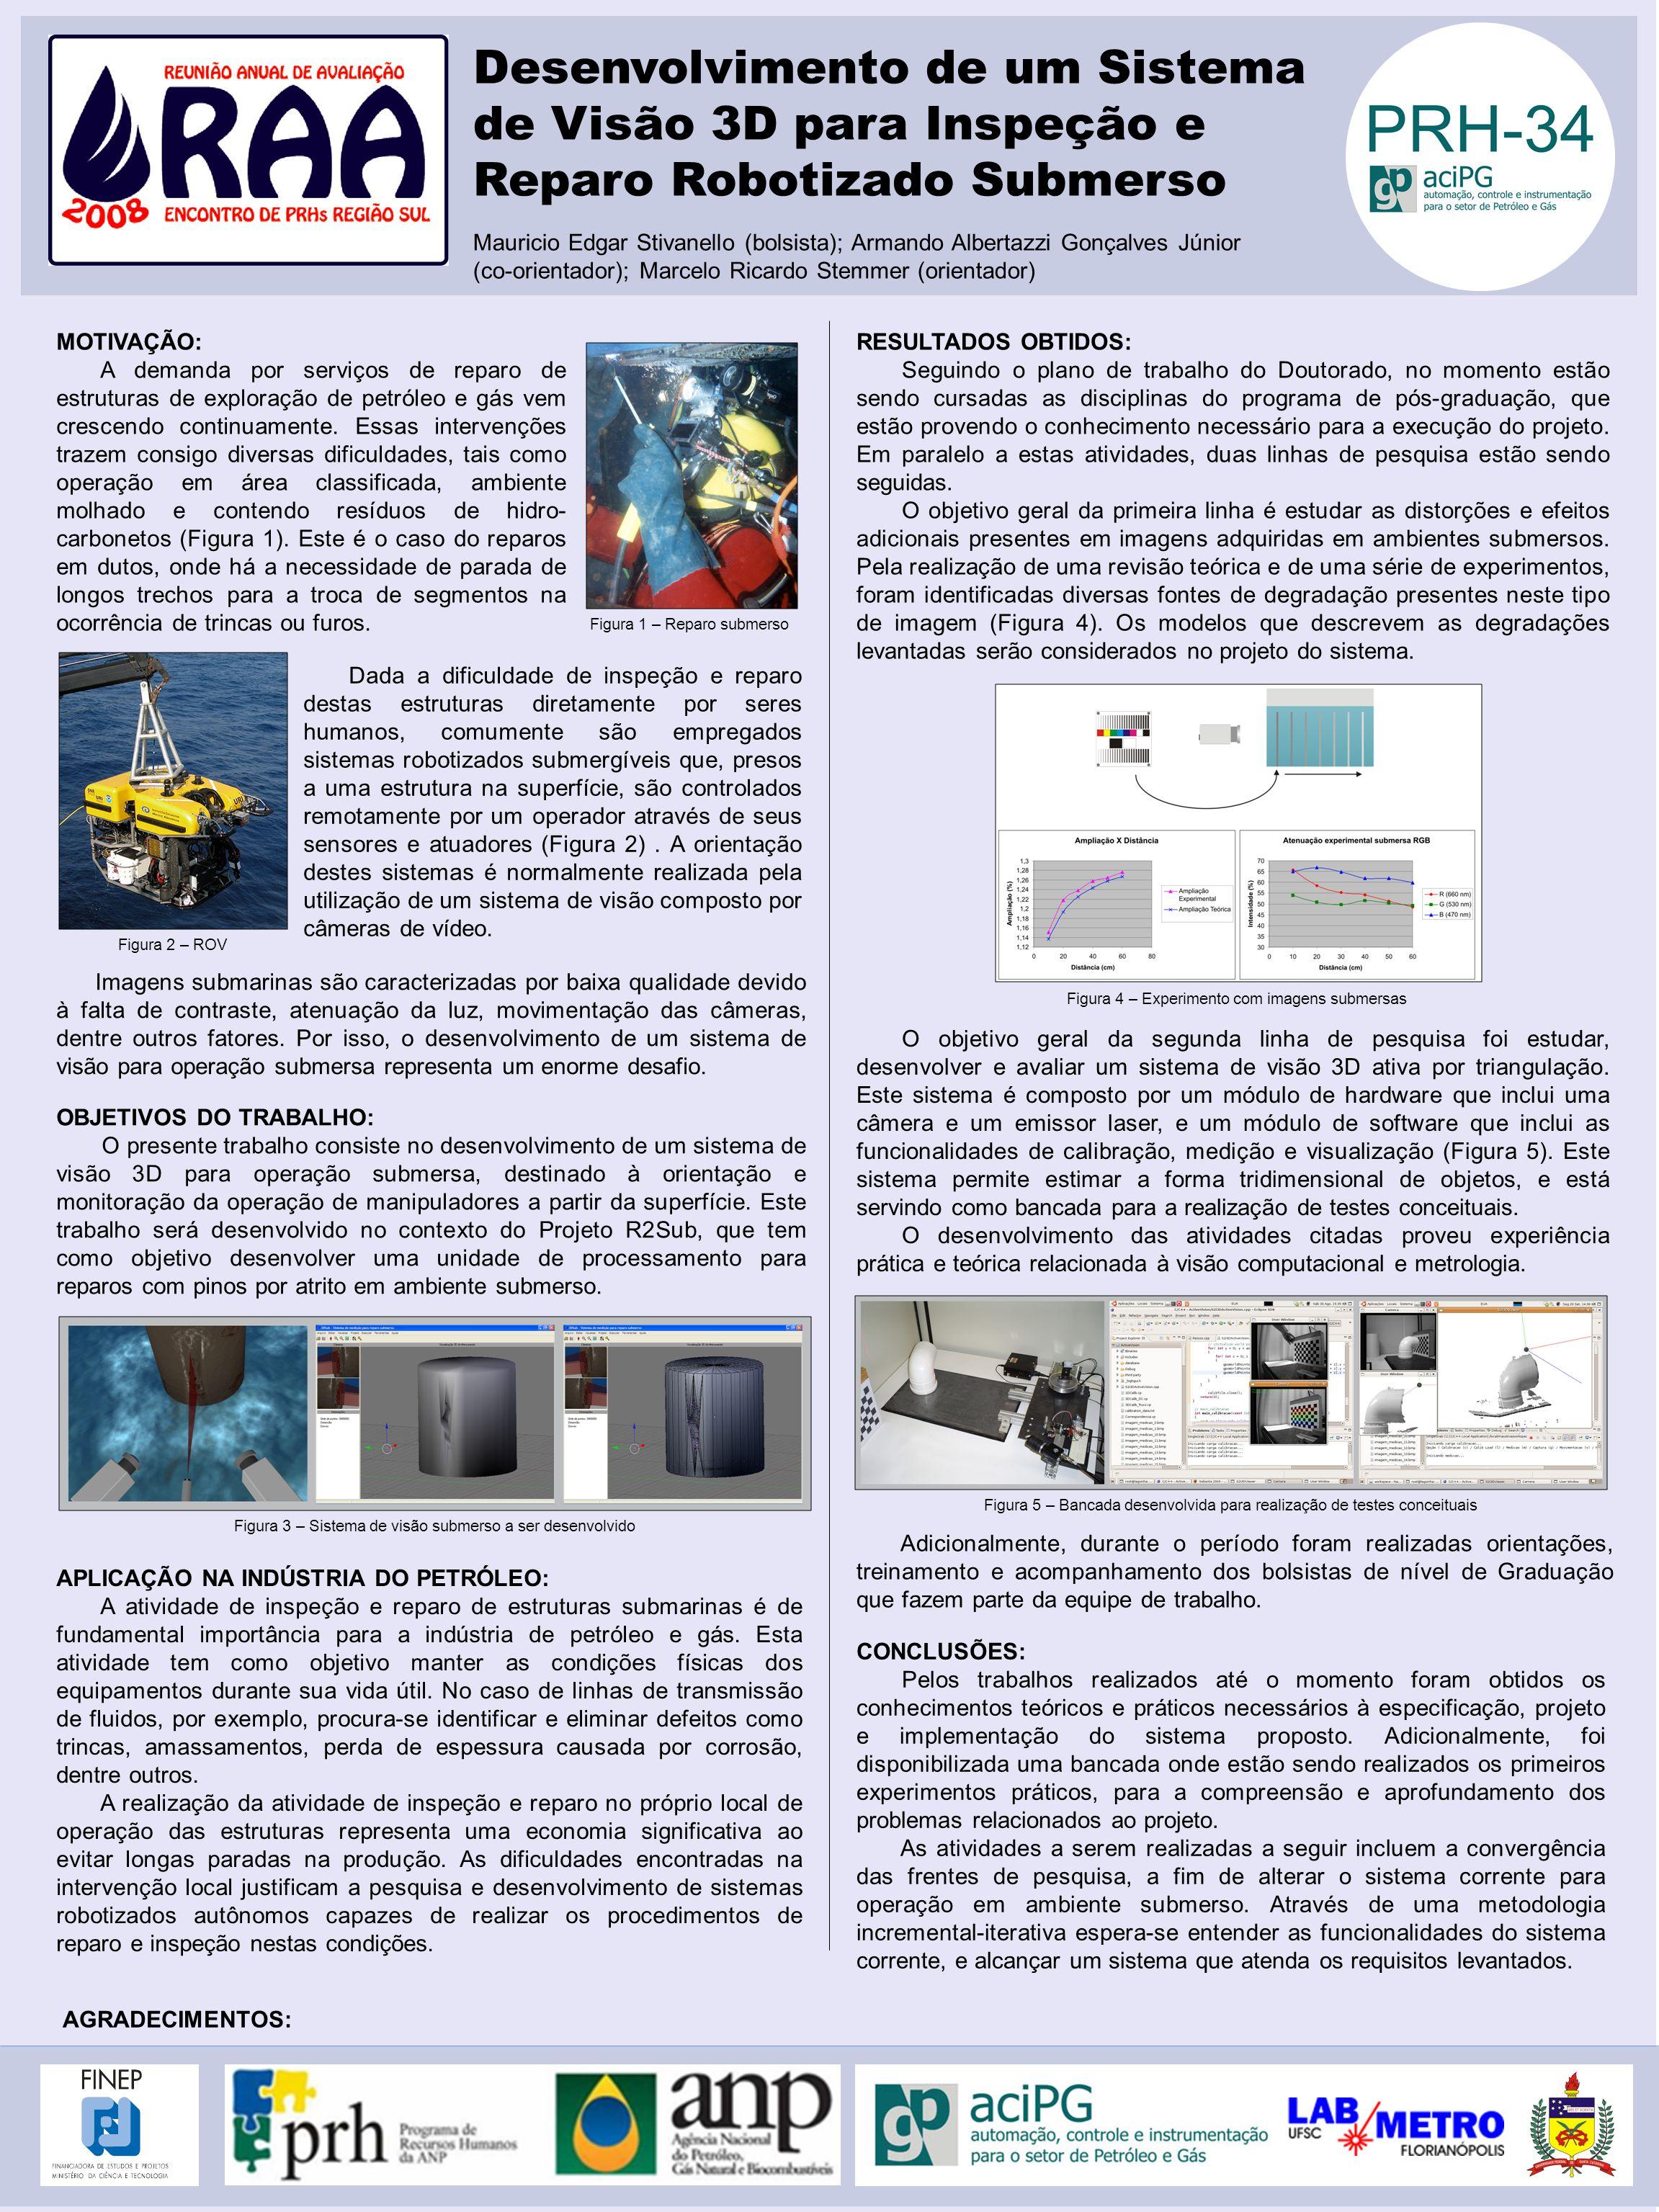 Desenvolvimento de um Sistema de Visão 3D para Inspeção e Reparo Robotizado Submerso